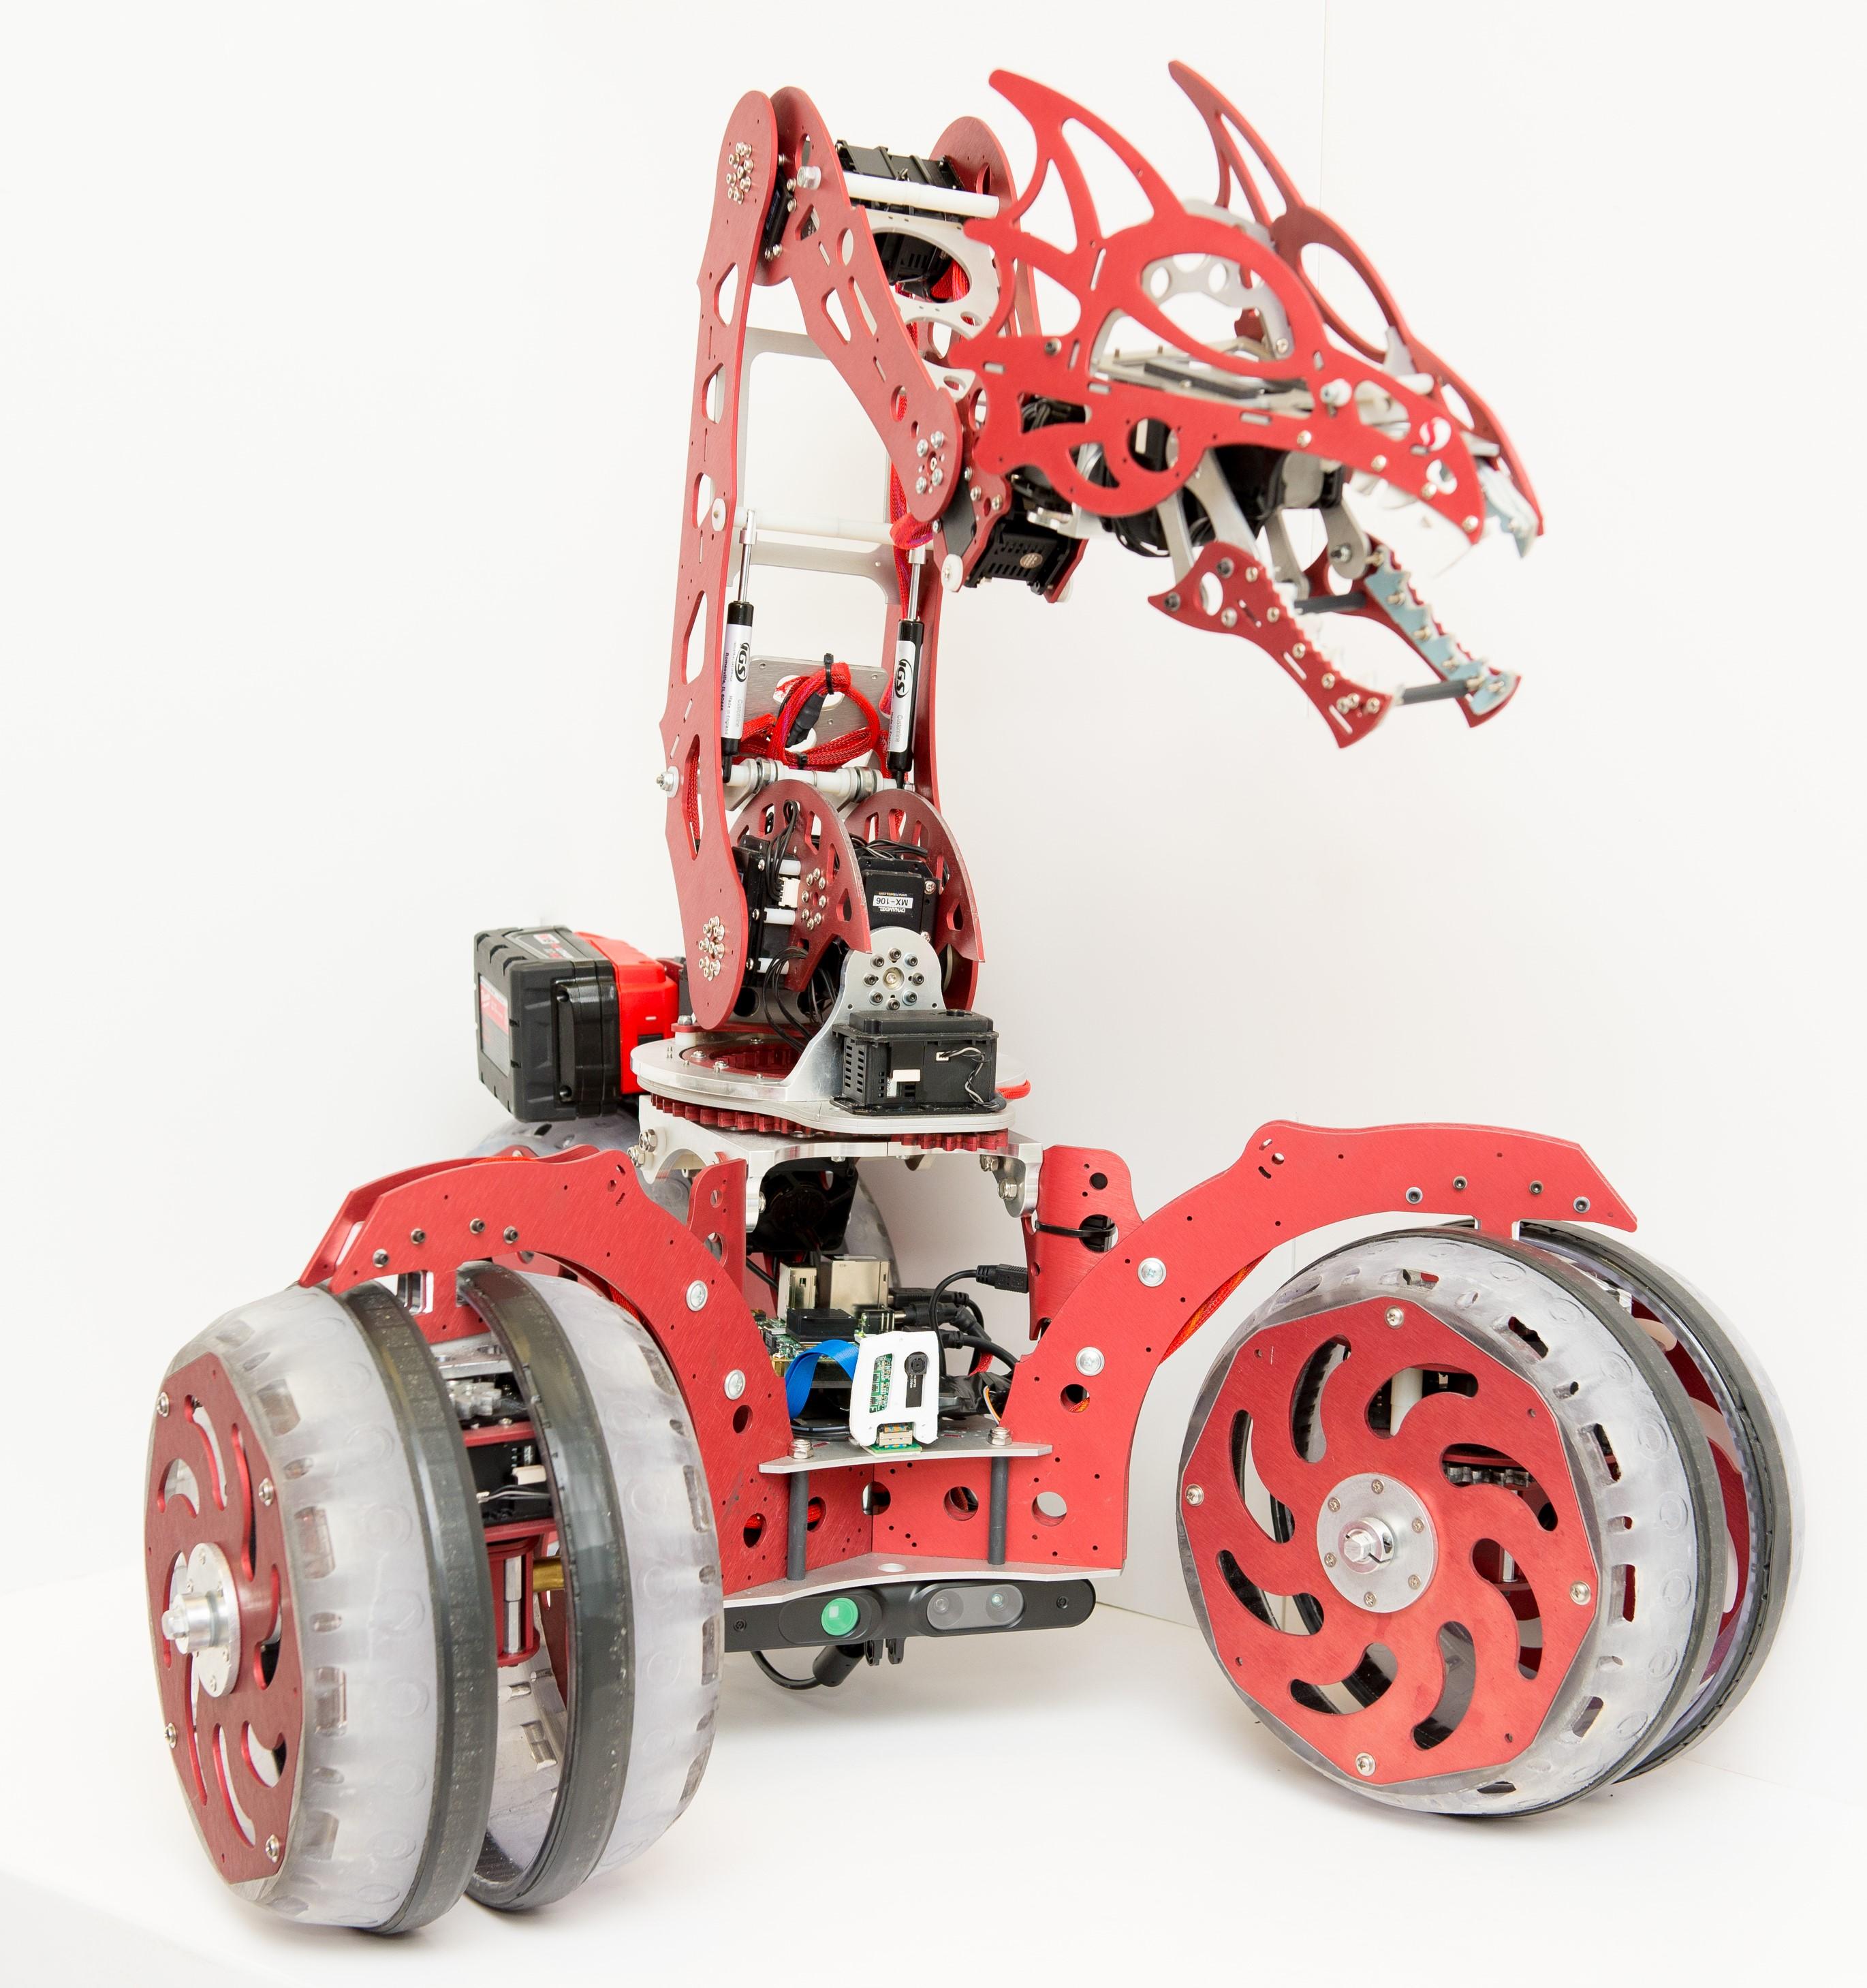 ROBOT SNAPDRAGON ROVER - Thú vị Robot Snapdragon Rover và Snapdragon Micro Rover